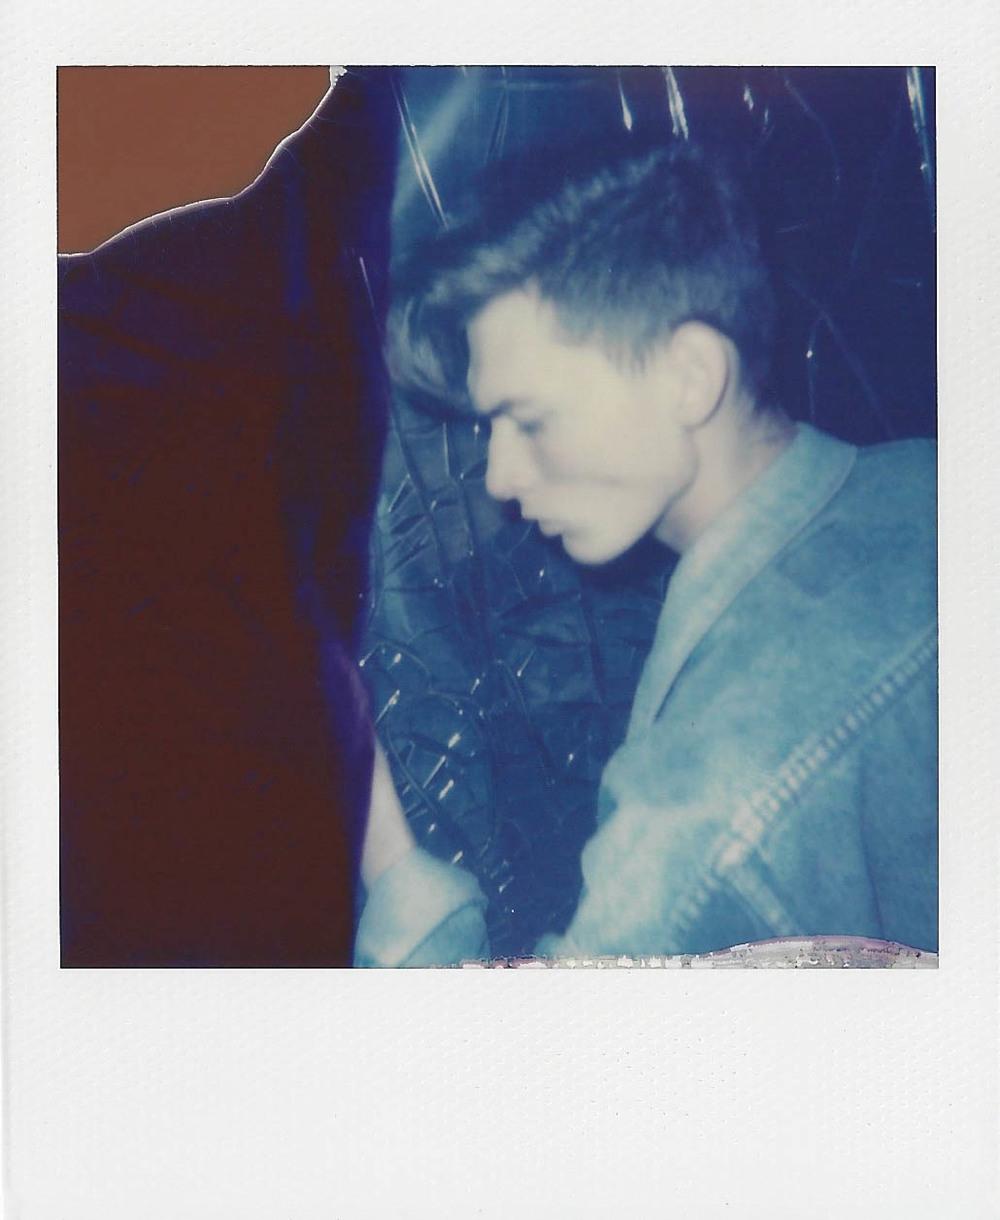 Nathan-Polaroid-1-casenruiz.jpg